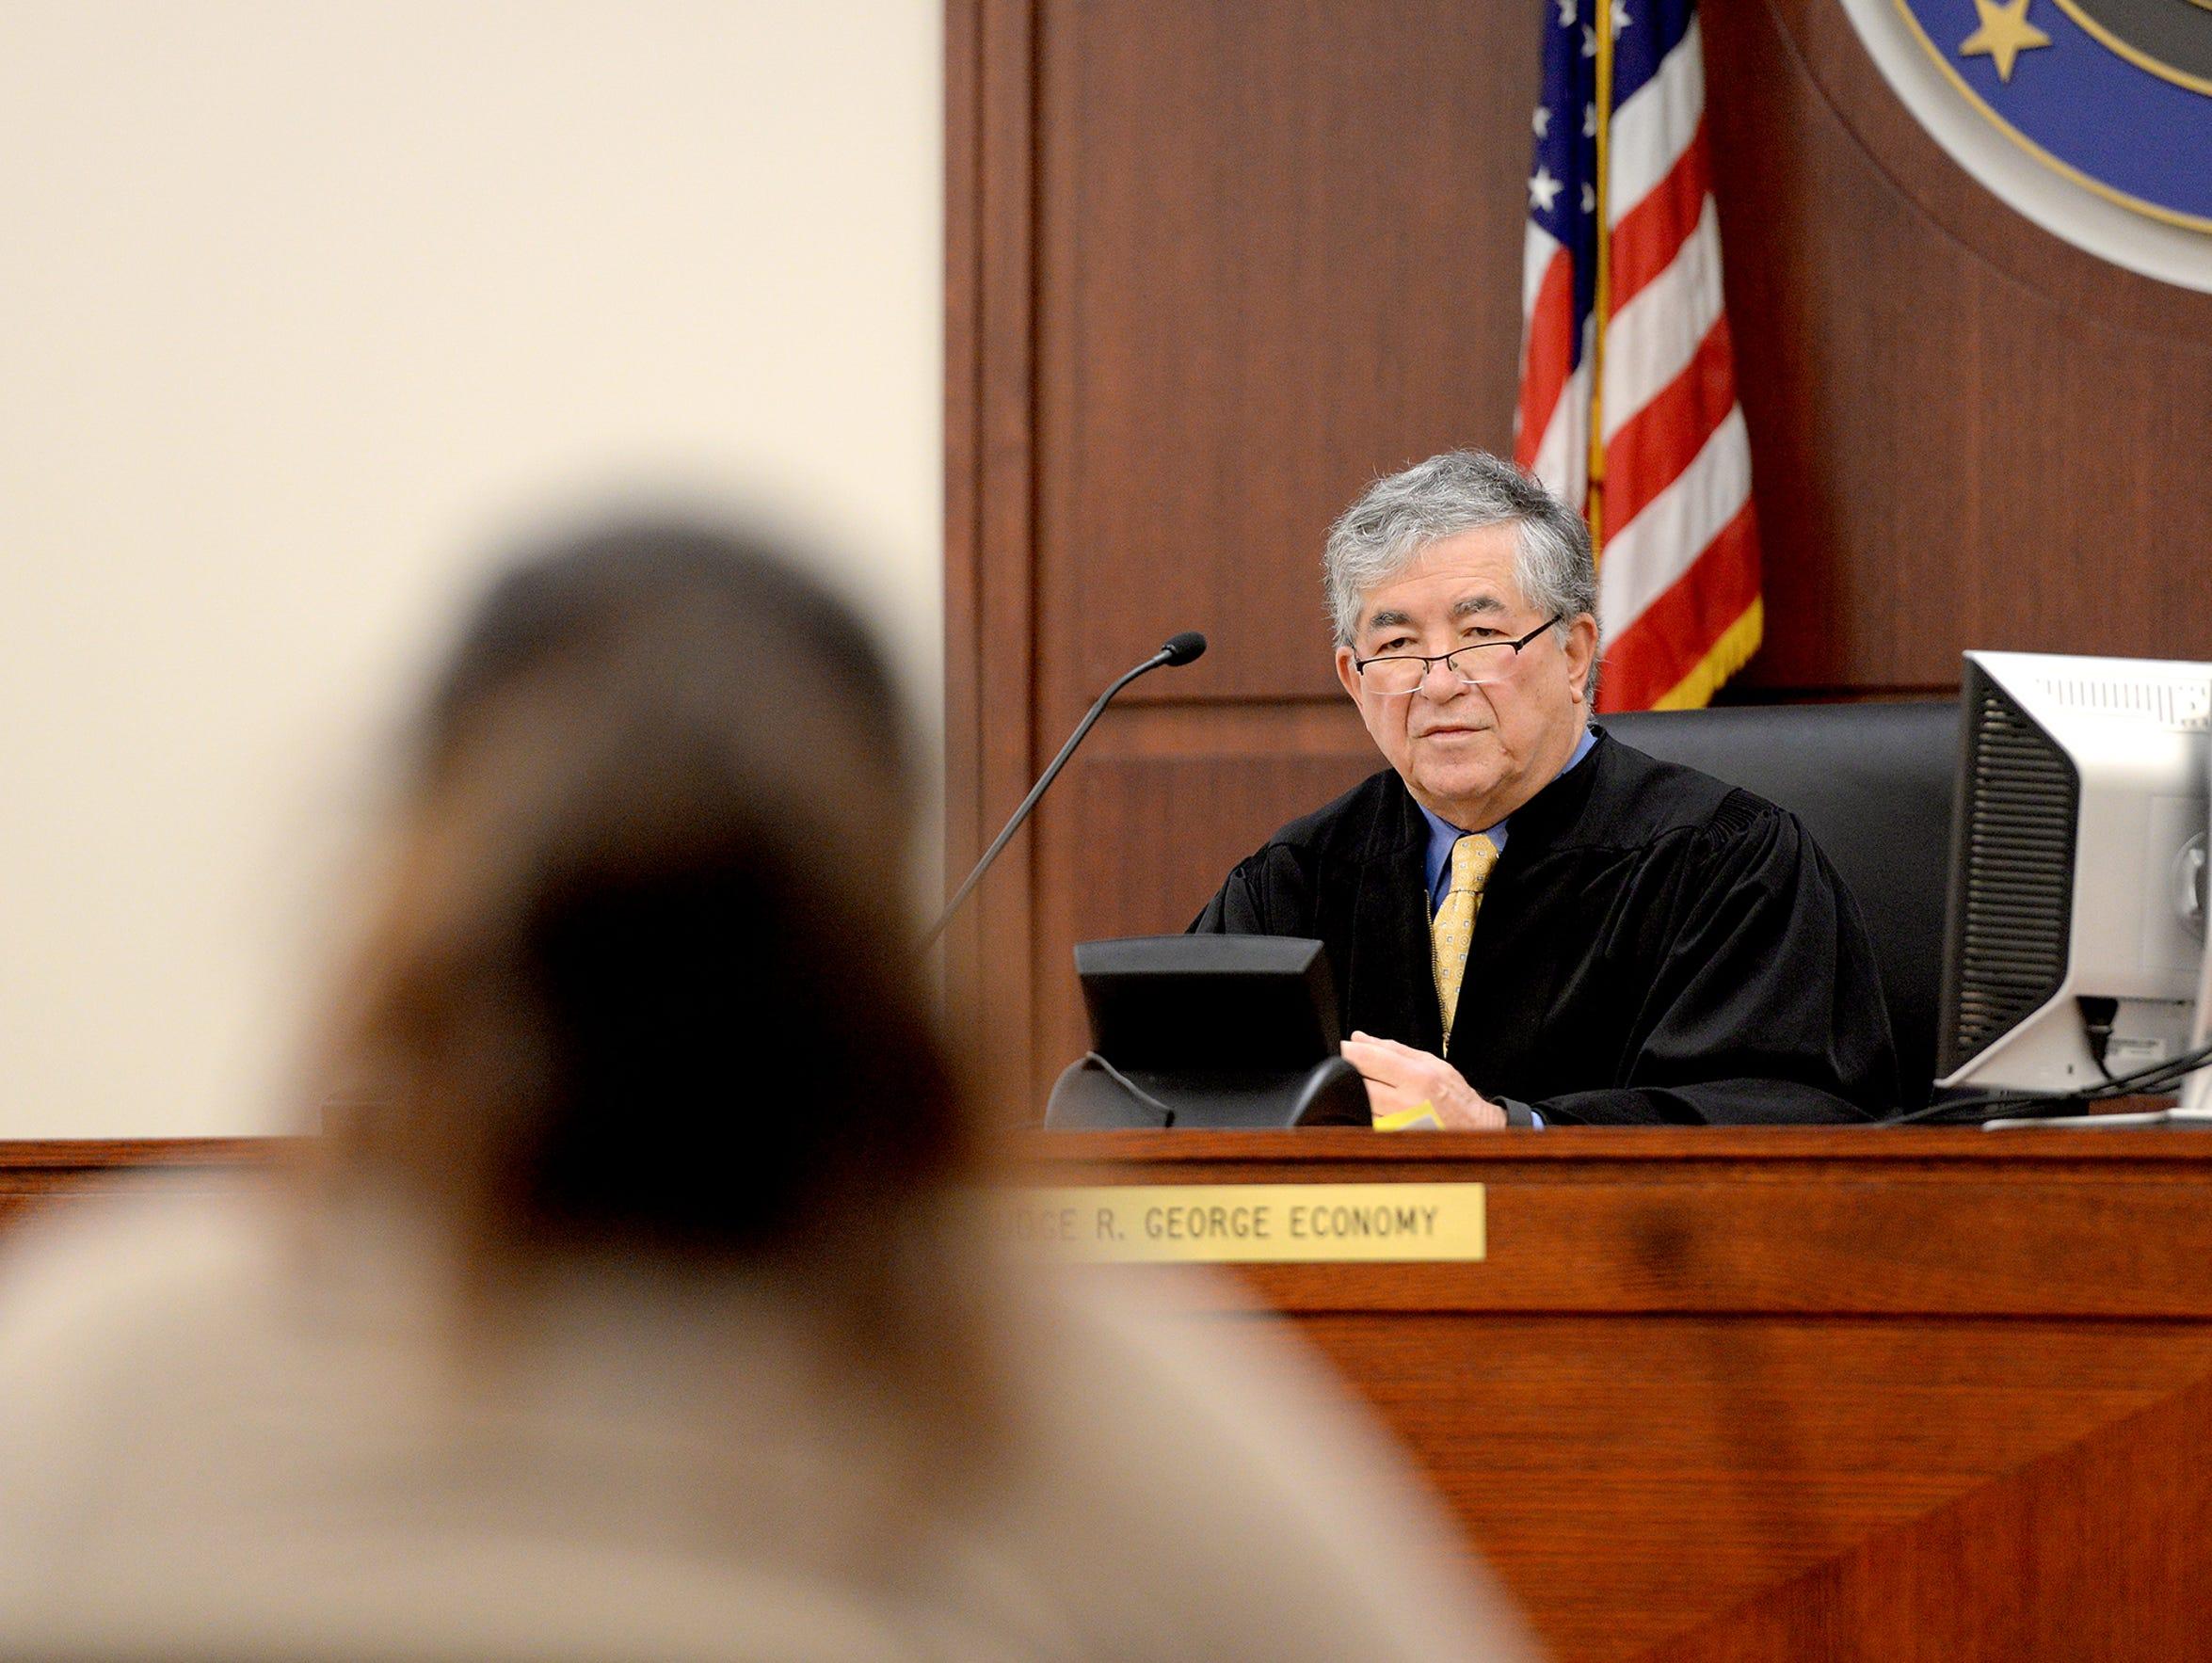 Ingham County Judge George Economy speaks to a defendant